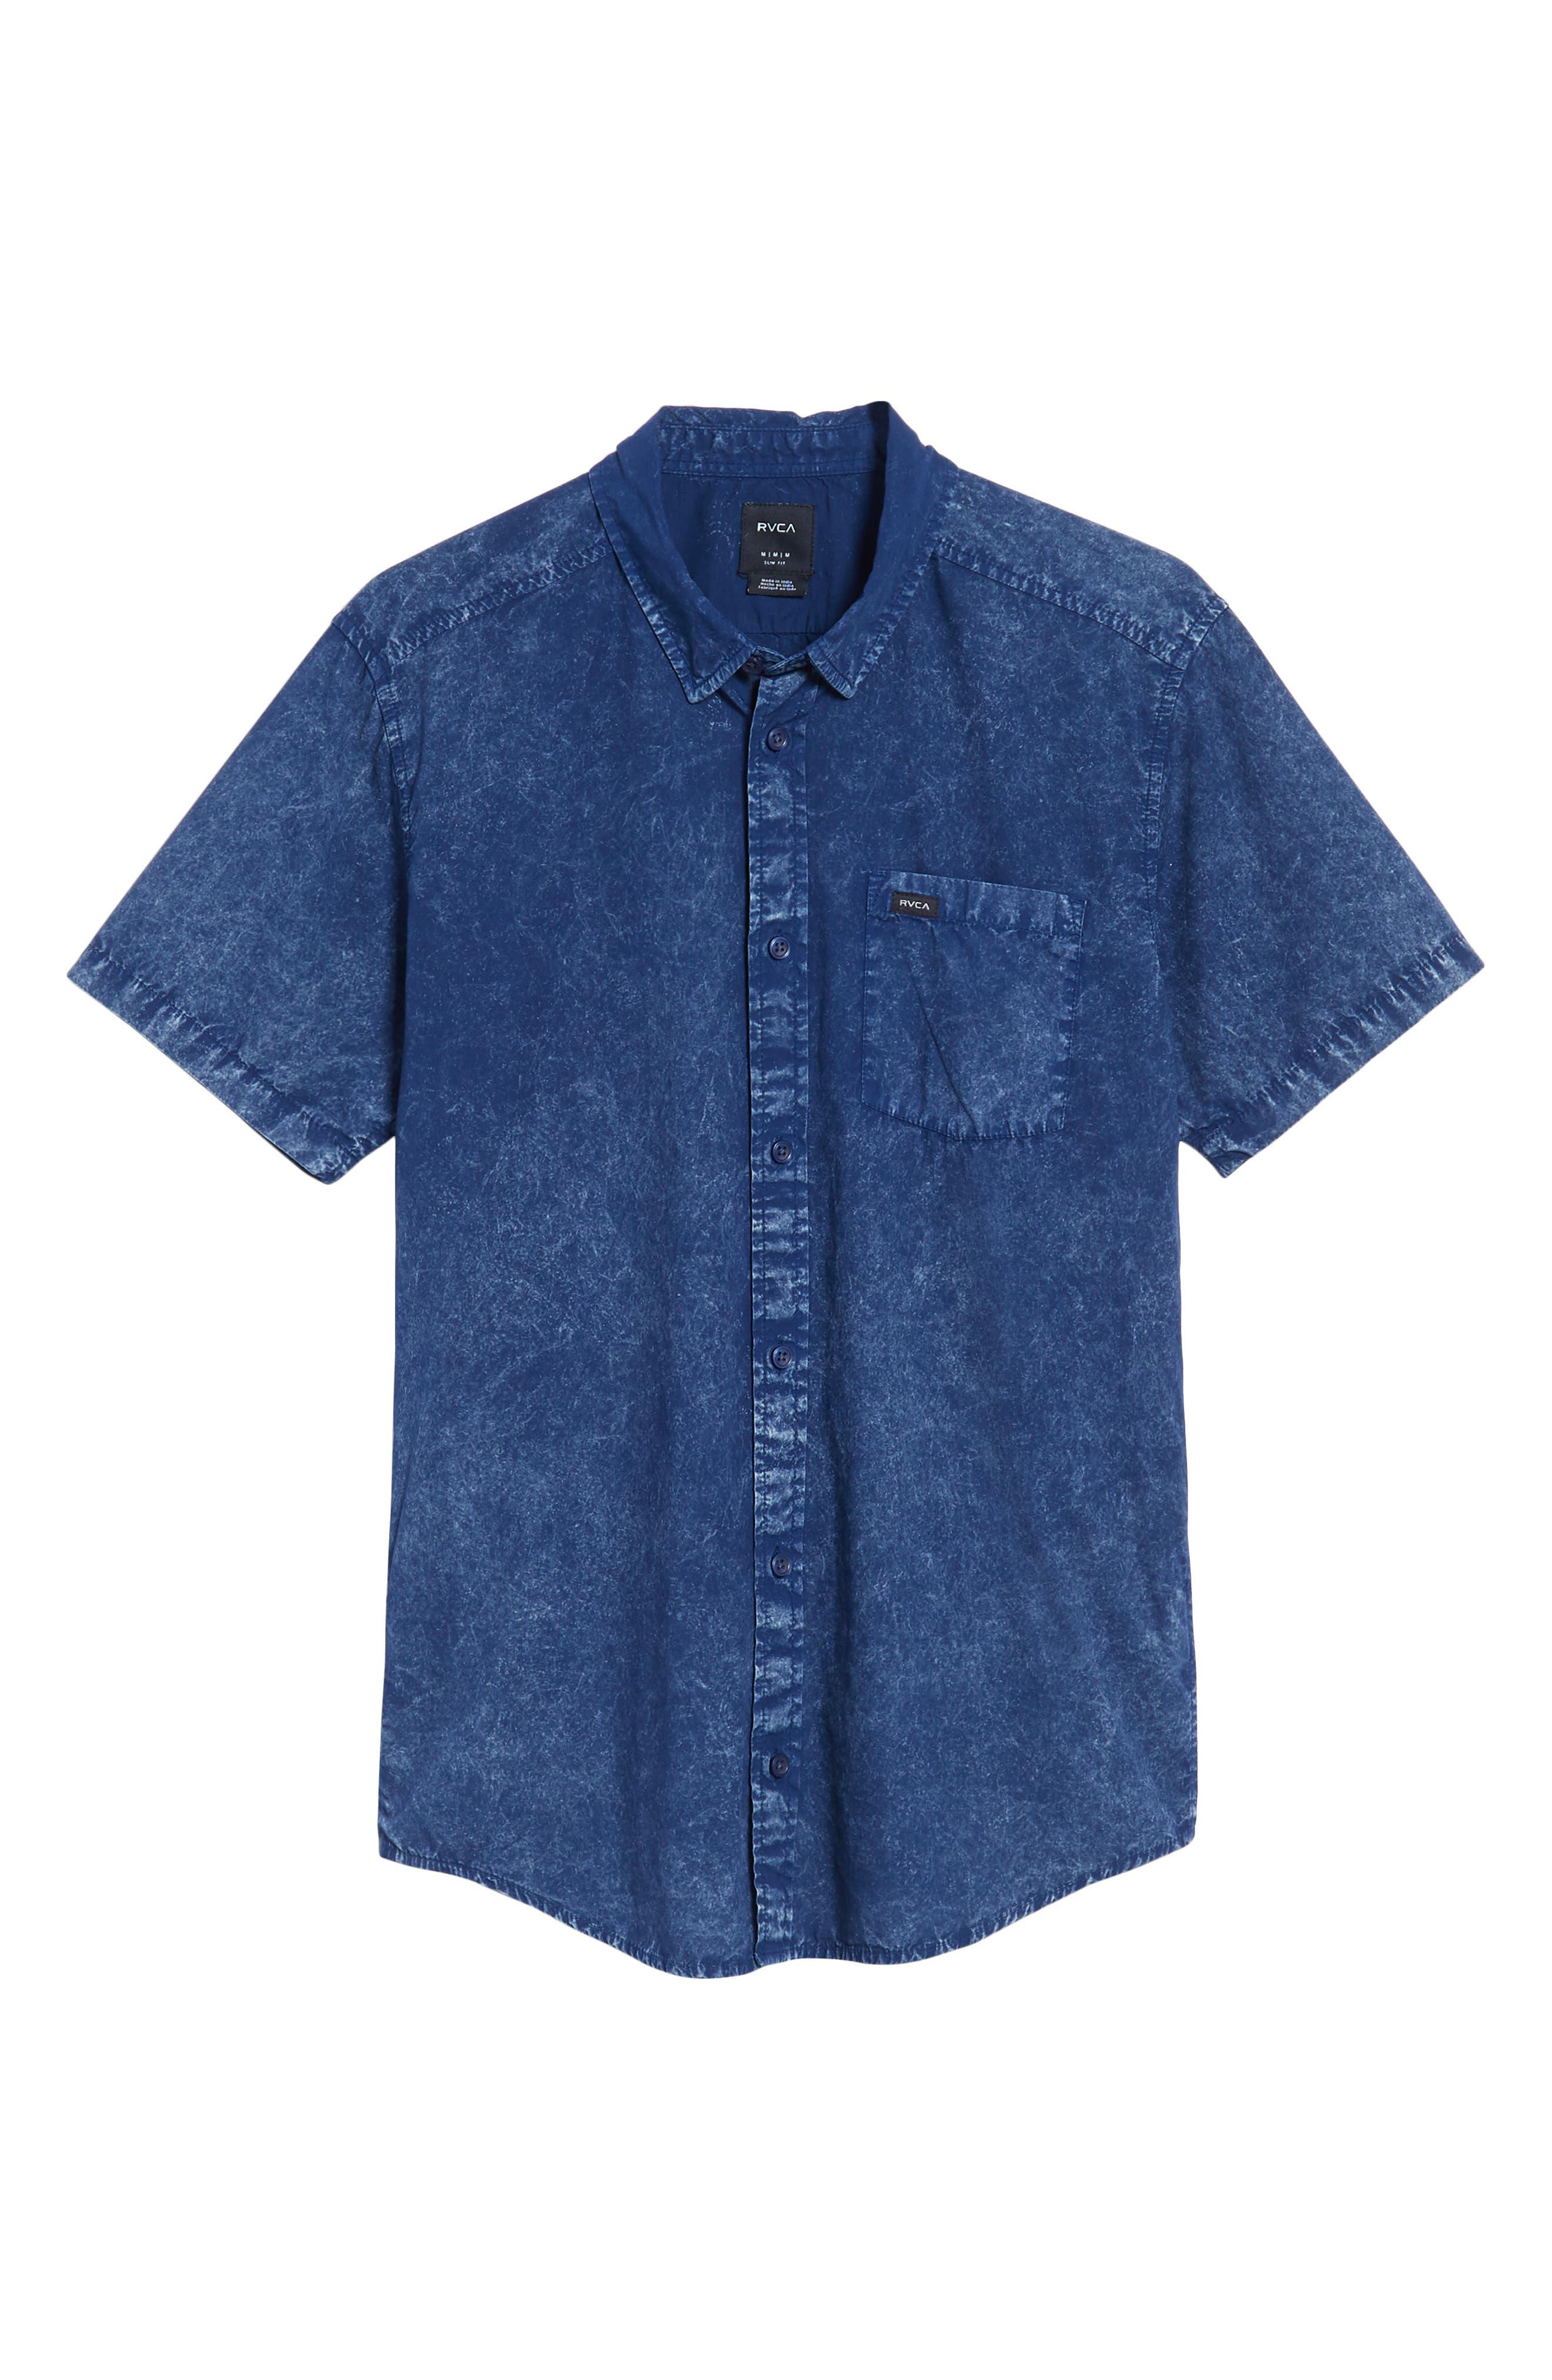 Acid Rain Denim Shirt,                             Alternate thumbnail 6, color,                             400